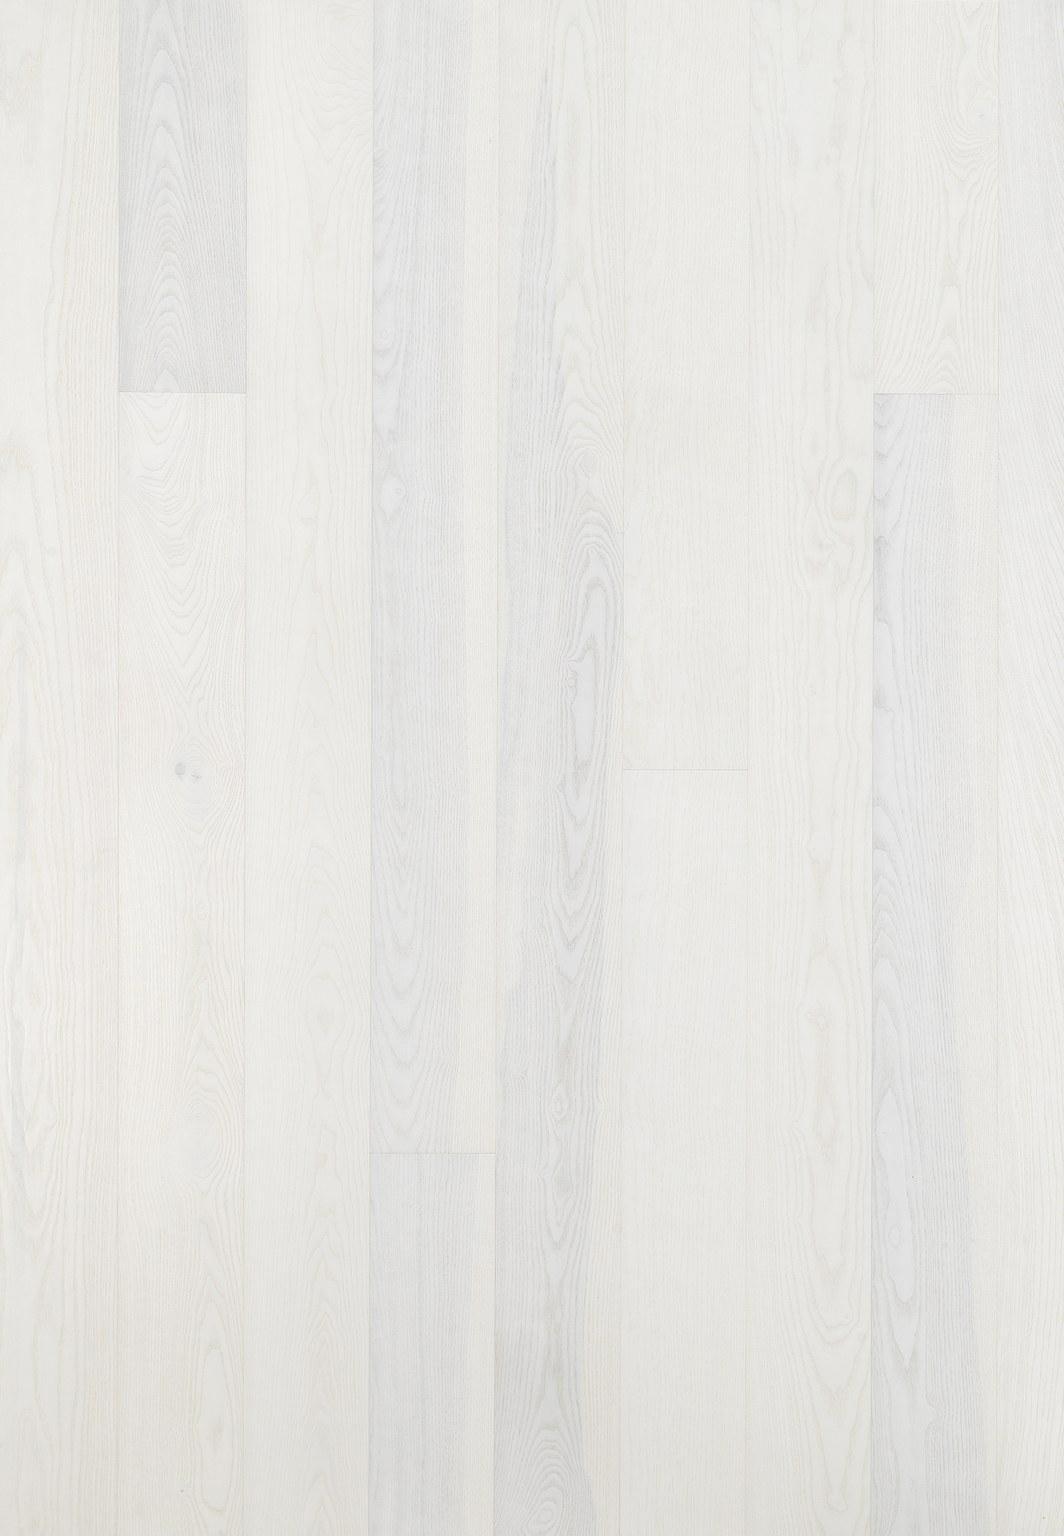 Timberwise Parketti Lankkuparketti Puulattia Wooden Floor Parquet Plank Saarni Ash Olive Antarctis 2D1